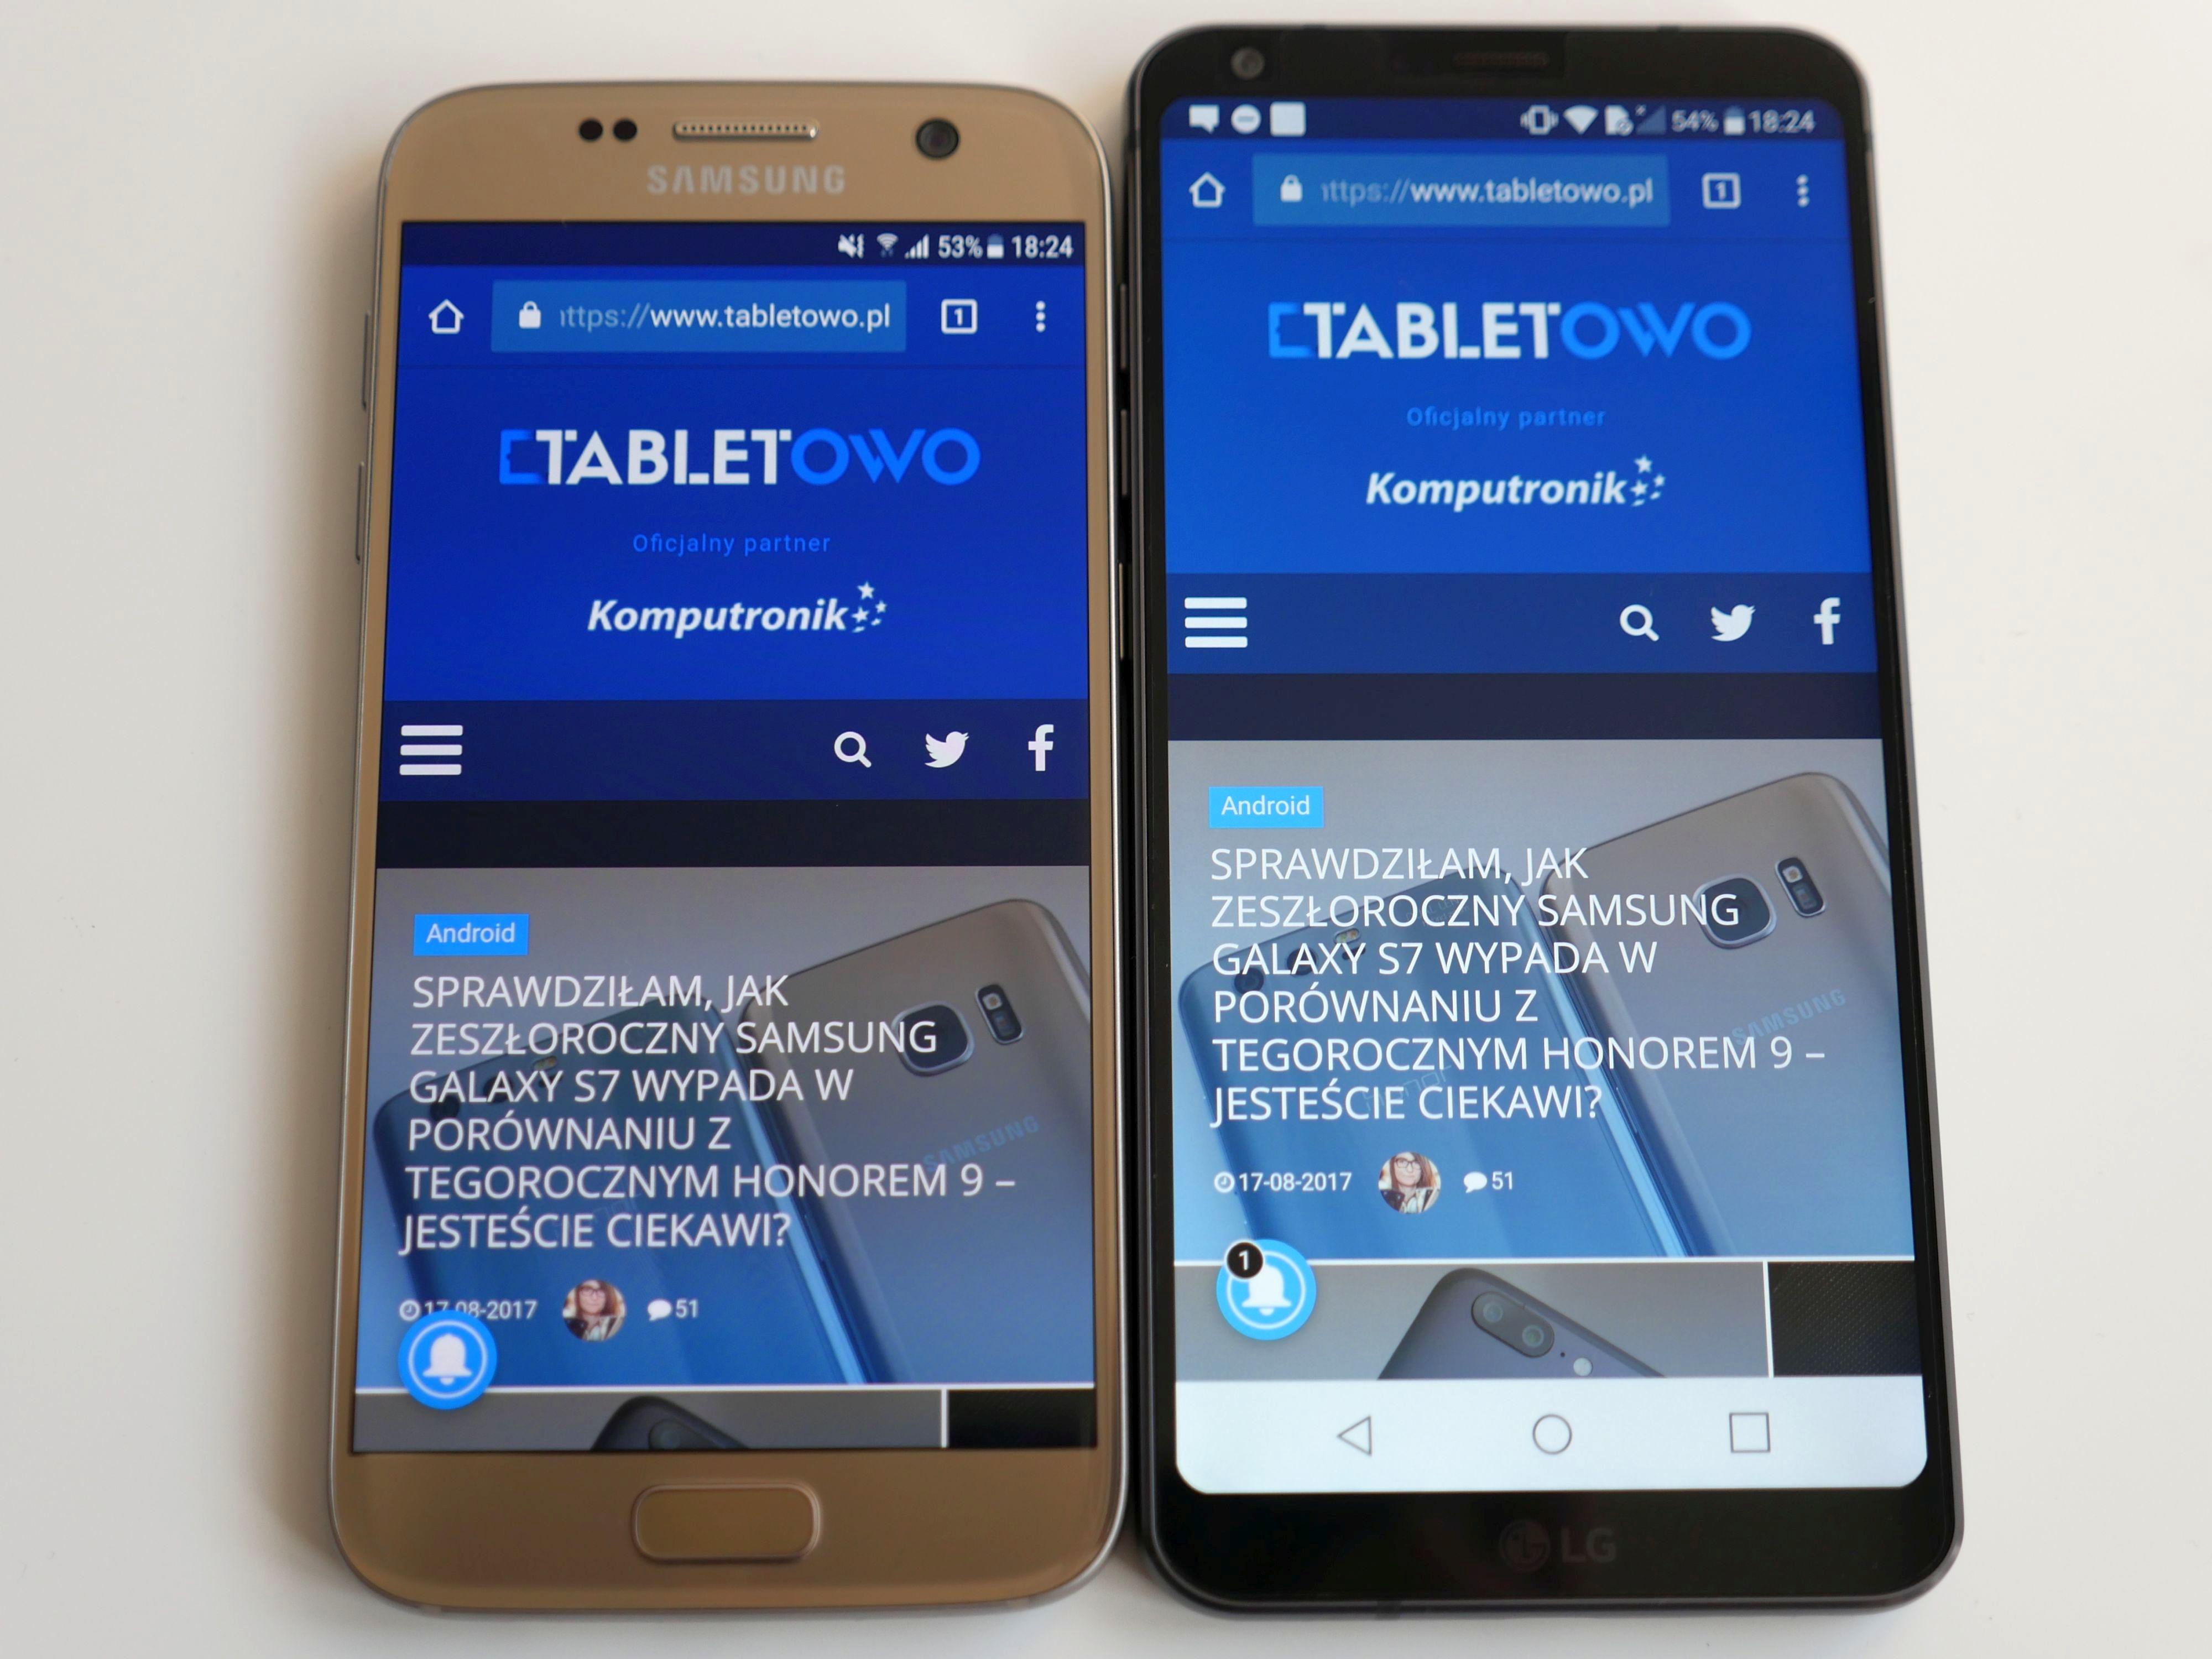 Jak wypada zeszłoroczny flagowiec Samsunga na tle tegorocznego flagowca LG? Porównanie: Samsung Galaxy S7 vs LG G6 28